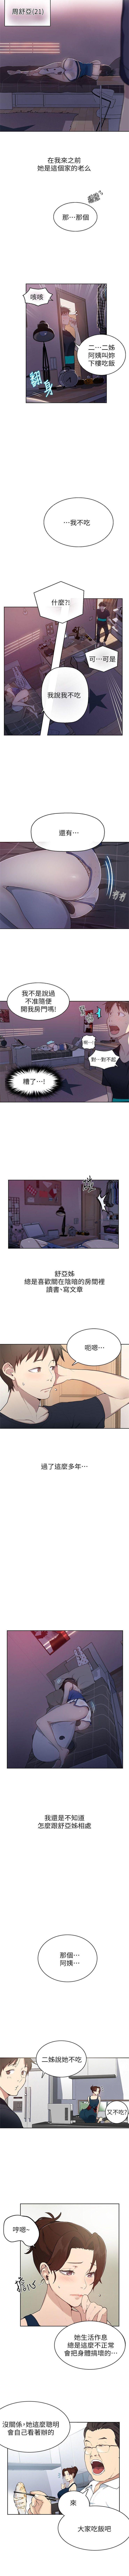 (週6)秘密教學  1-35 中文翻譯 (更新中) 5